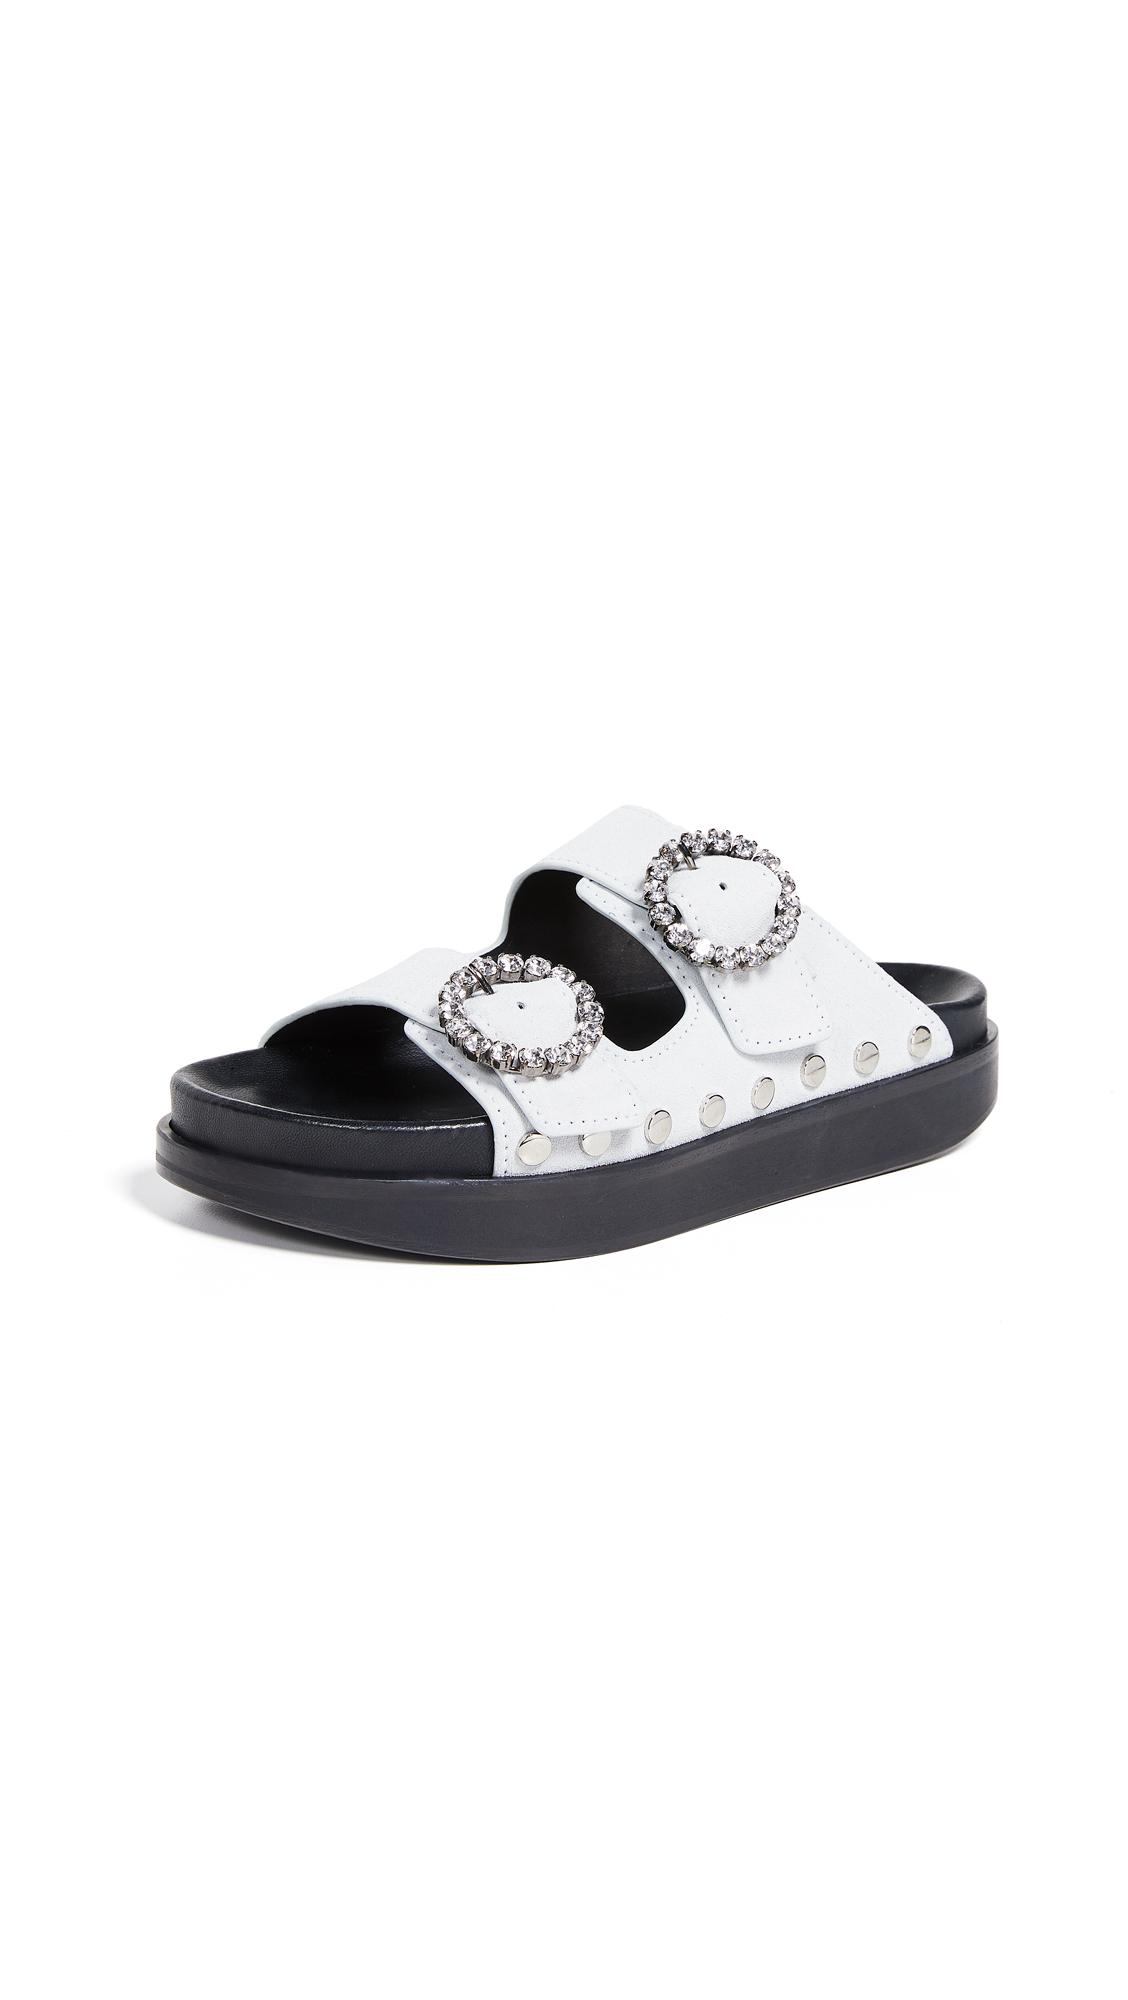 Isabel Marant Noddi Suede Sandals - White